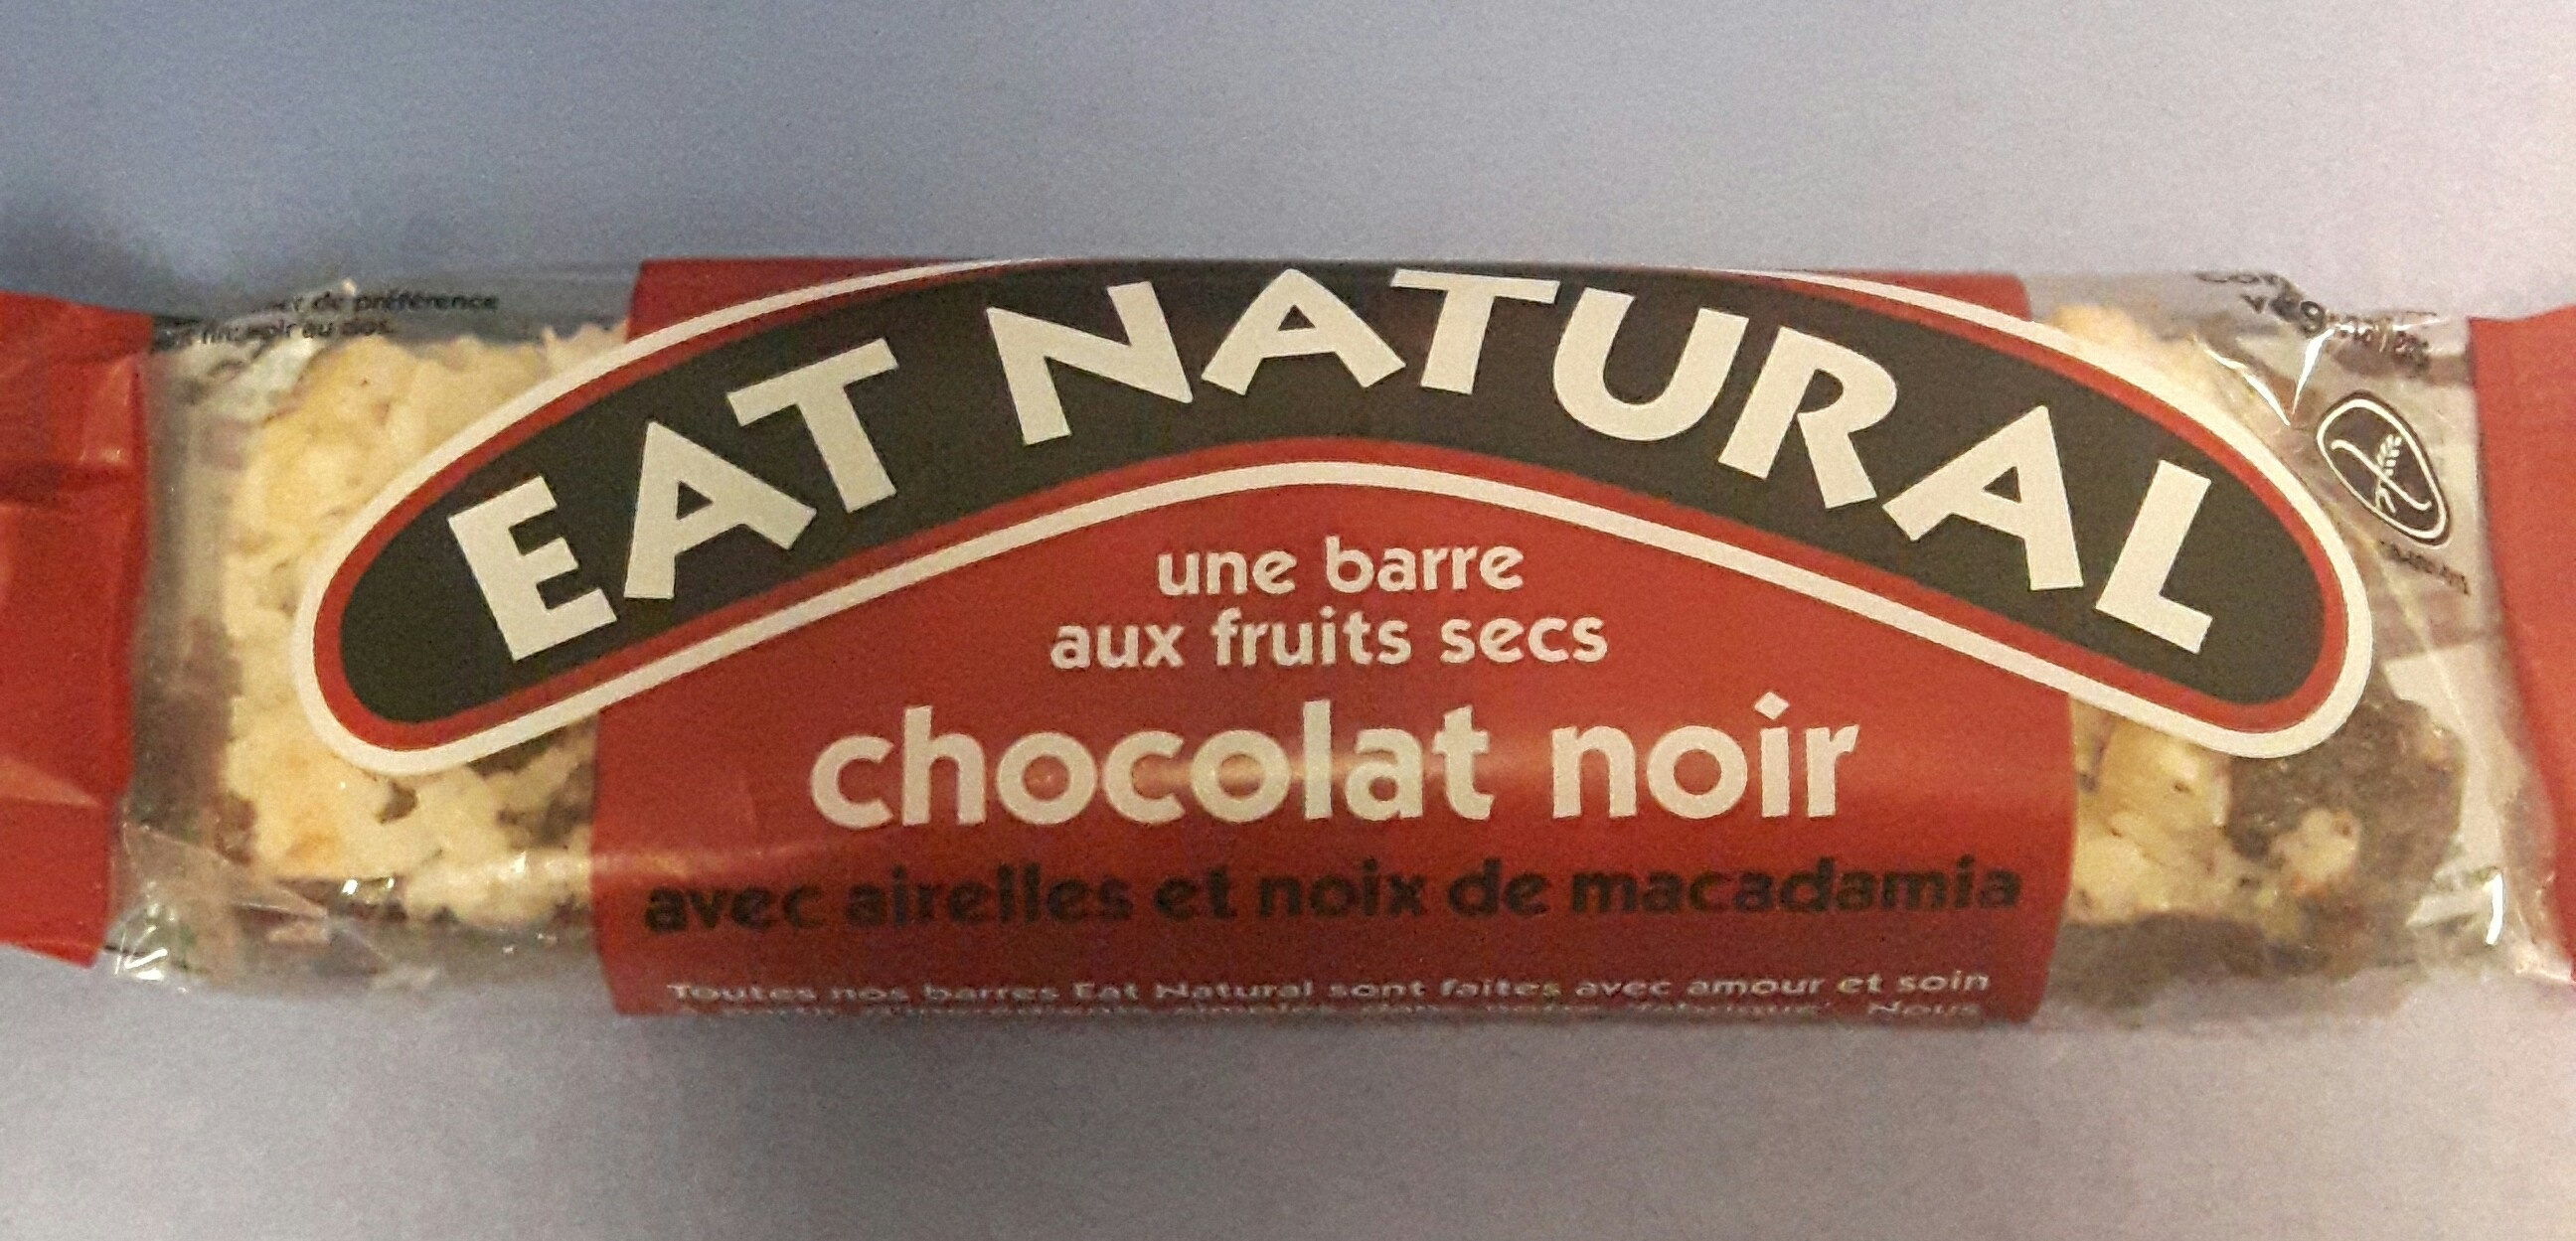 eat natural chocolat noir - Product - fr